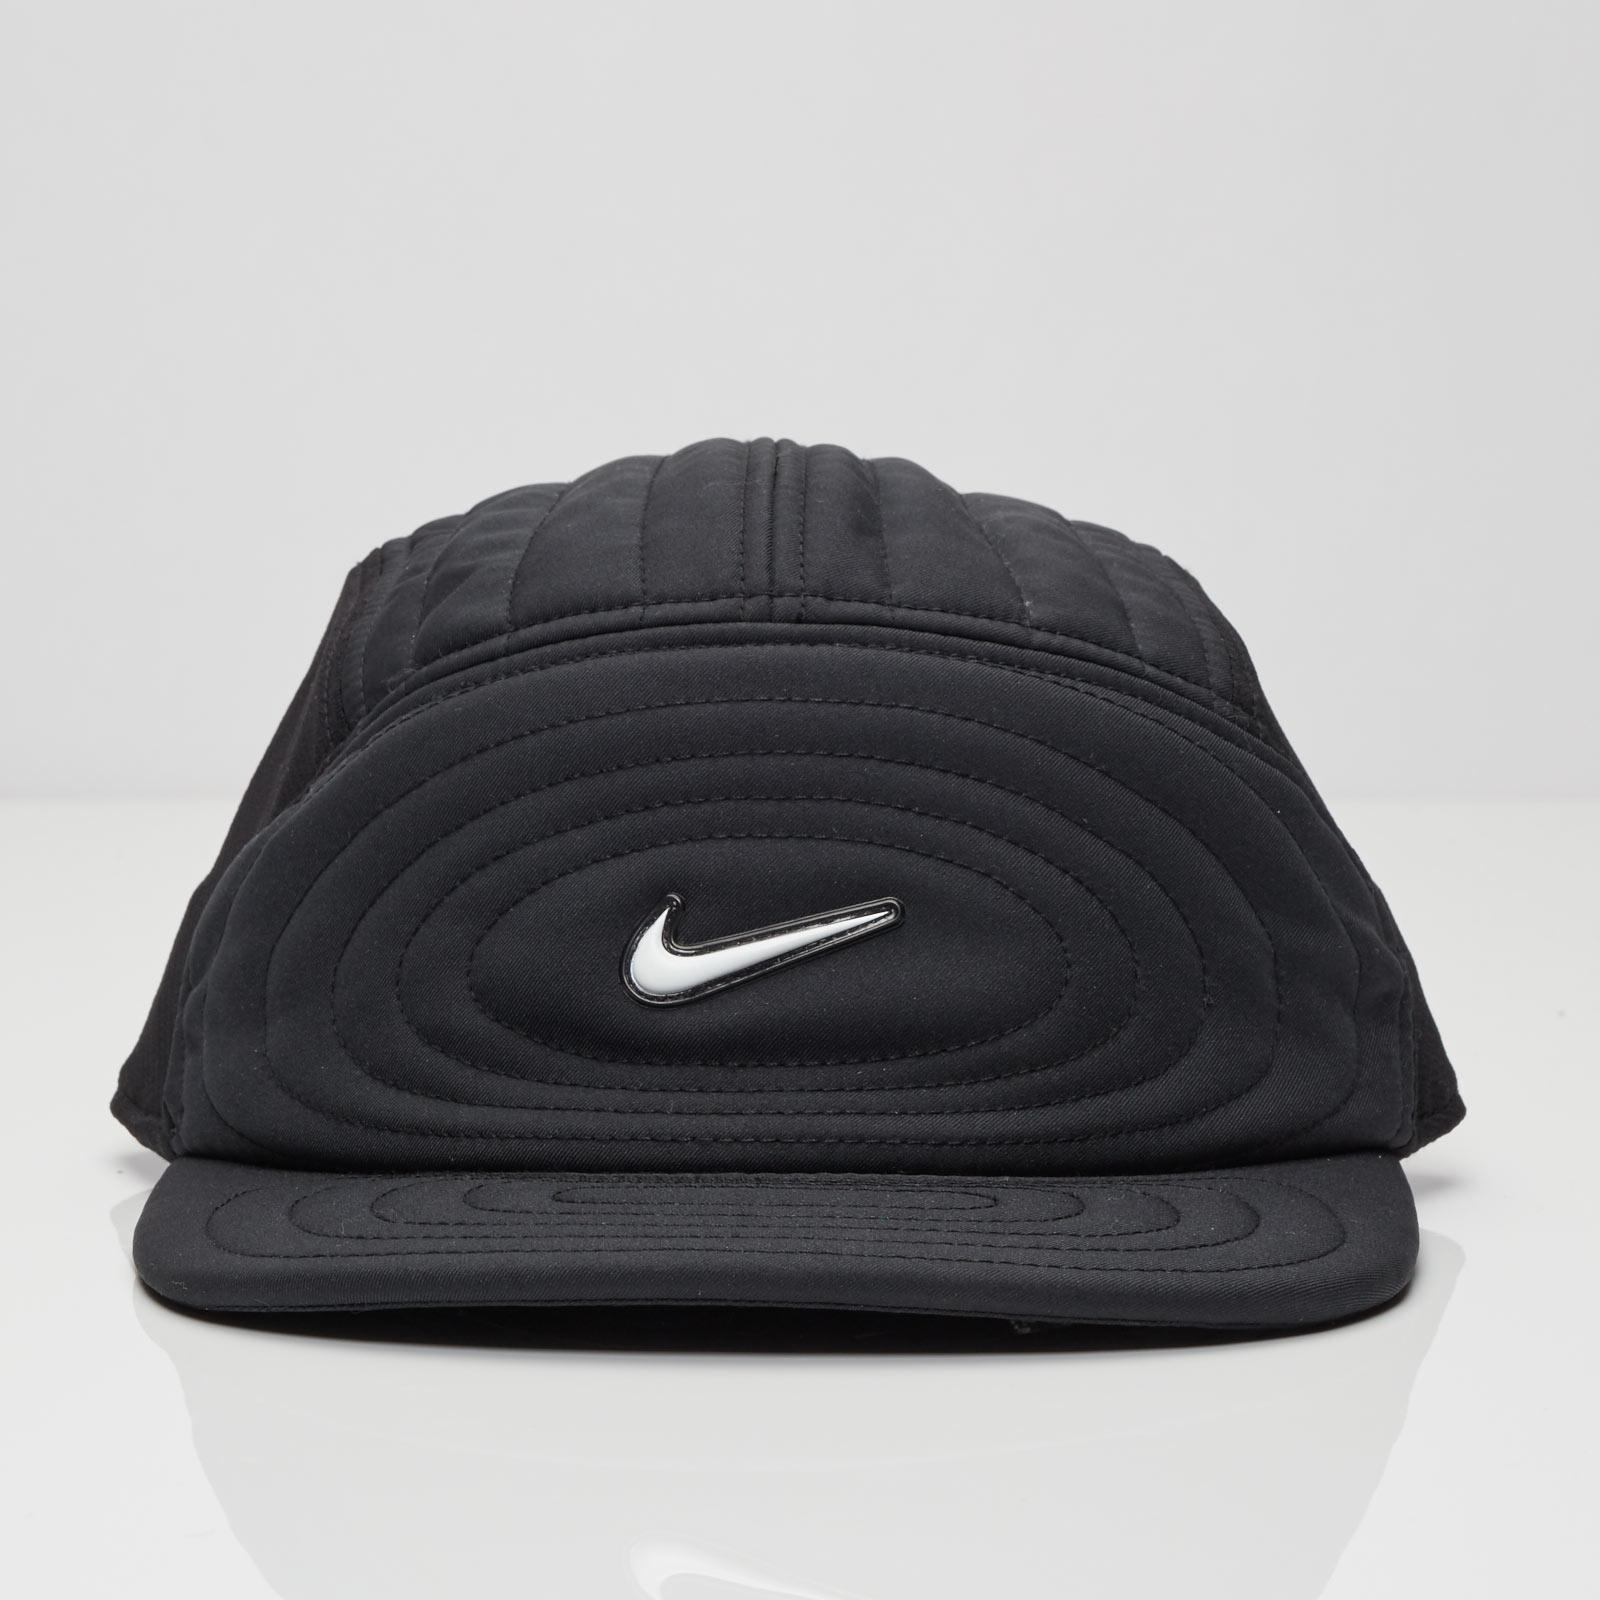 fe1fc2da870cc0 Nike S+ Cush AW84 Cap - 803723-010 - Sneakersnstuff | sneakers & streetwear  online since 1999